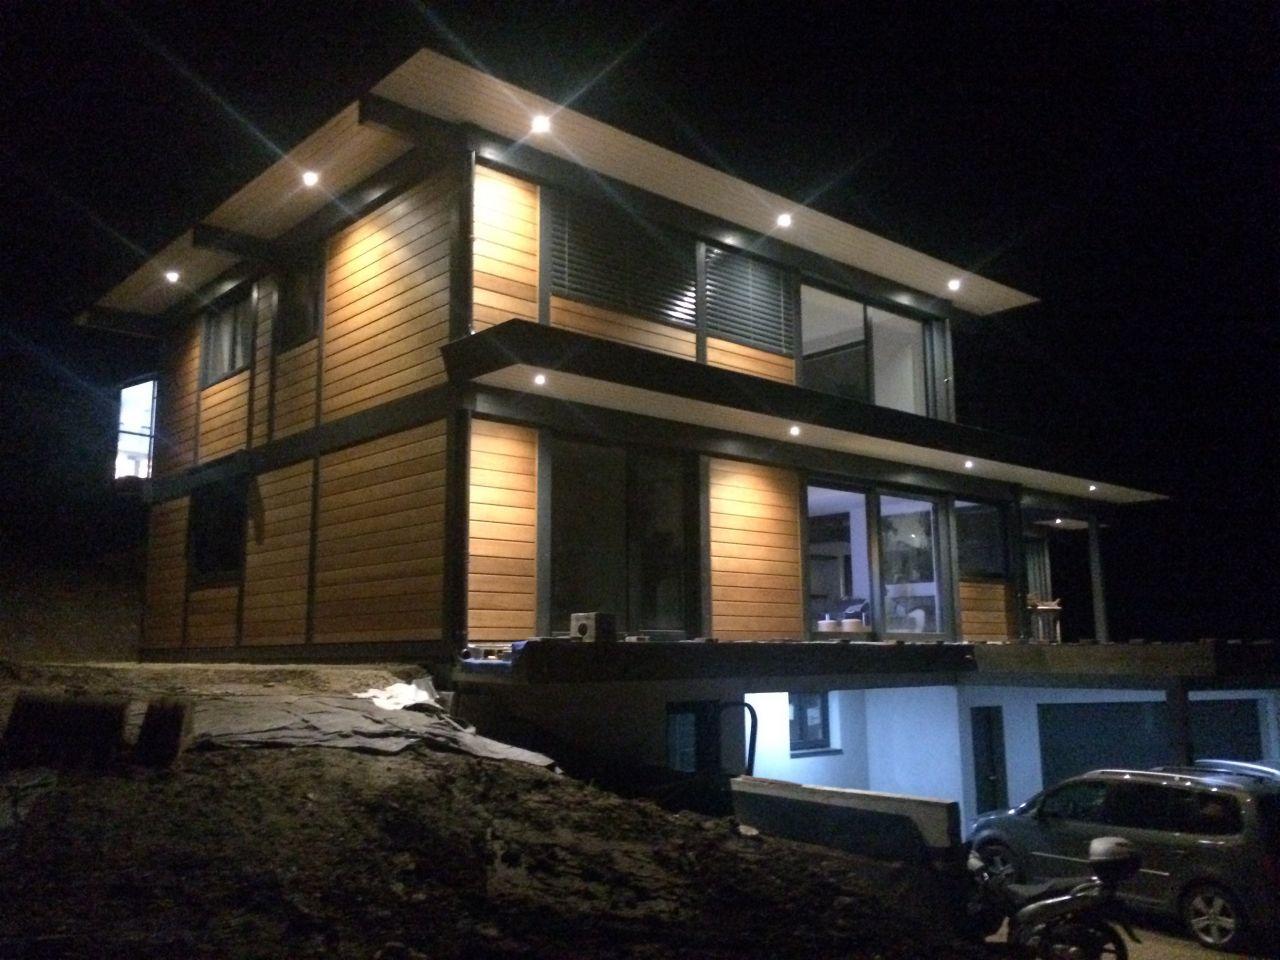 Éclairage des spots extérieur disposés de sorte à éclairer le plus possible de bardage pour mette en valeur la maison.